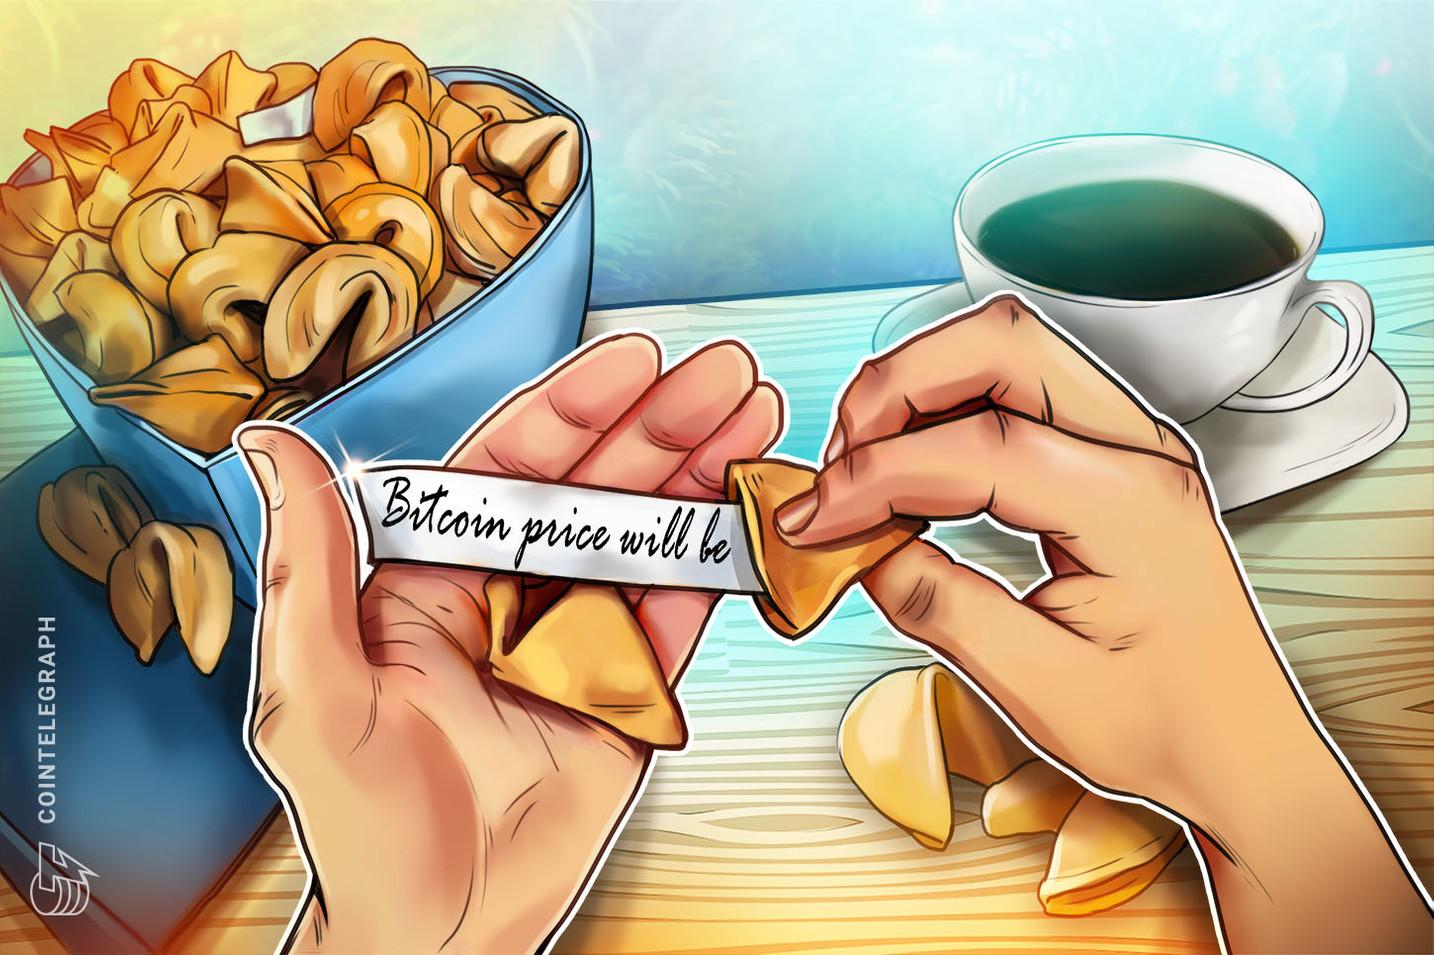 Bitcoin è diretto verso i 70.000$, prevede un analista